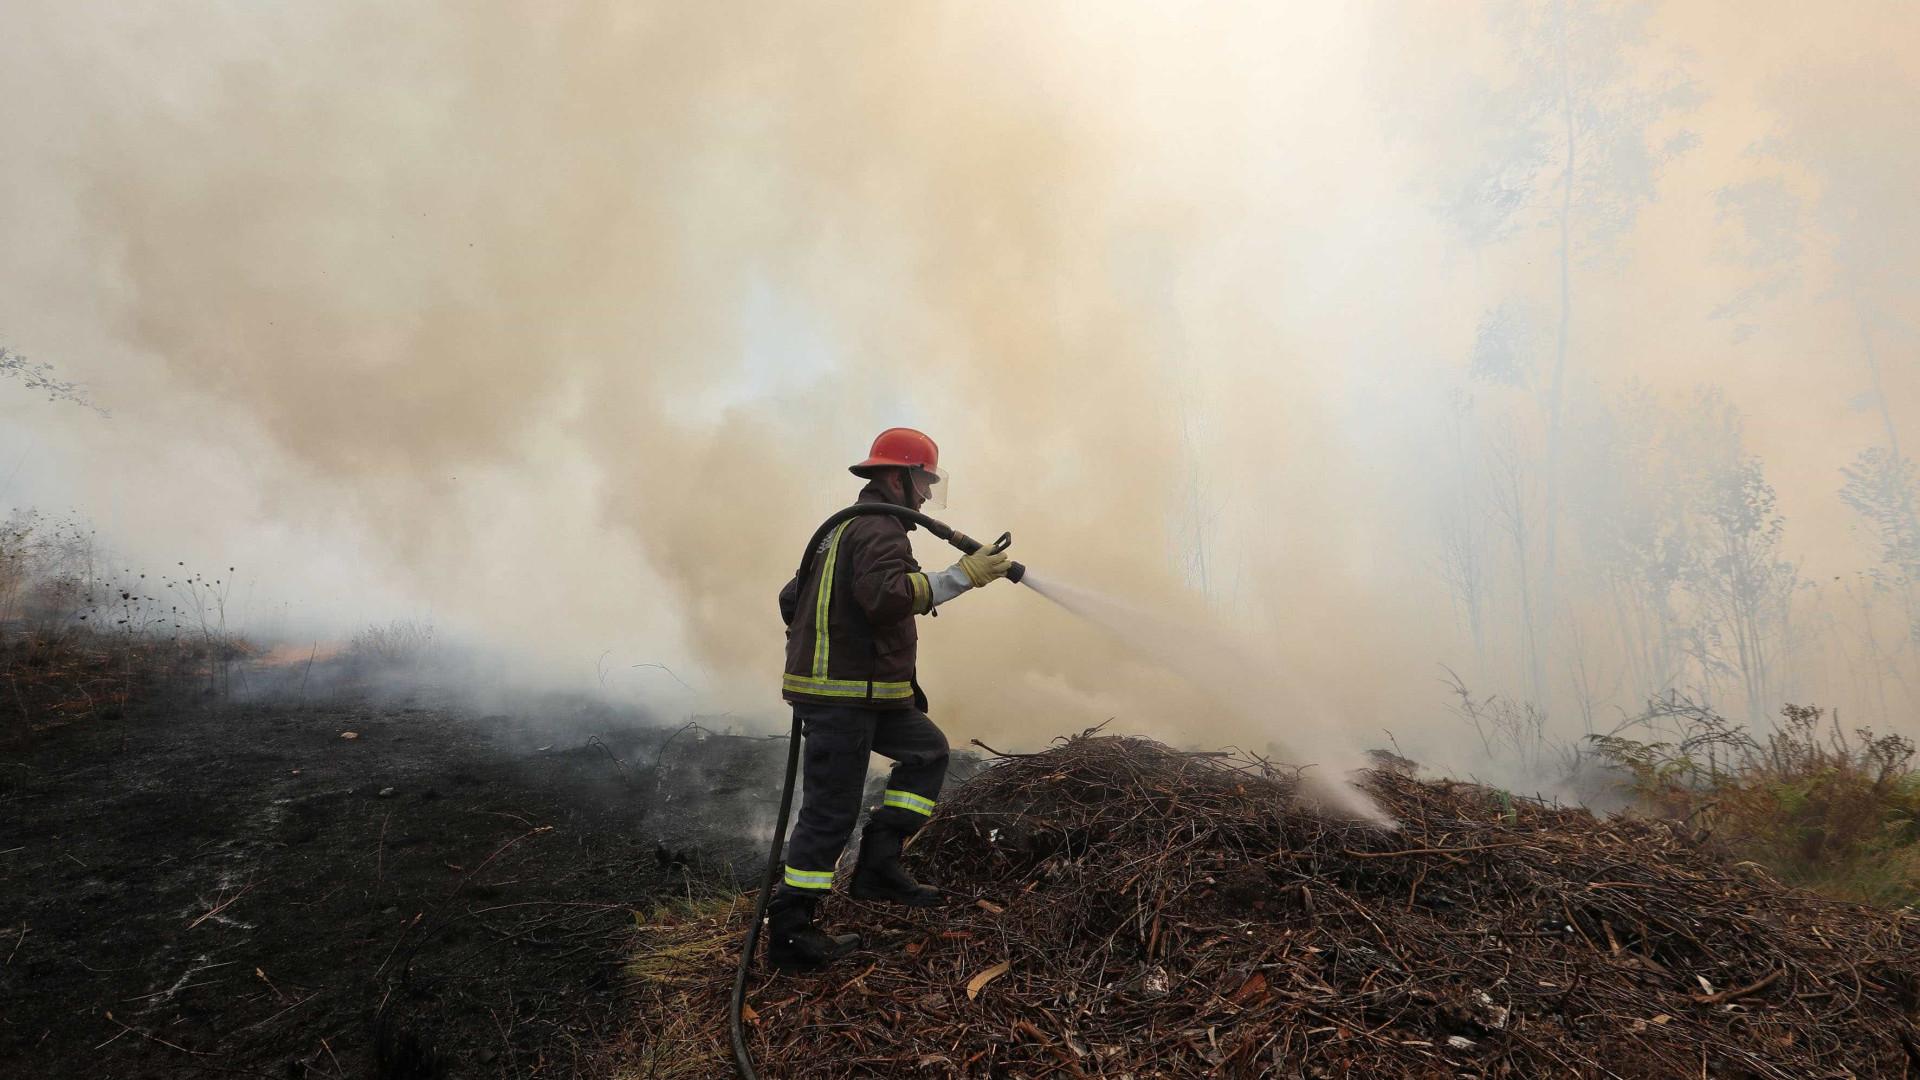 Espanha envia três aviões para ajudar Portugal a combater incêndios